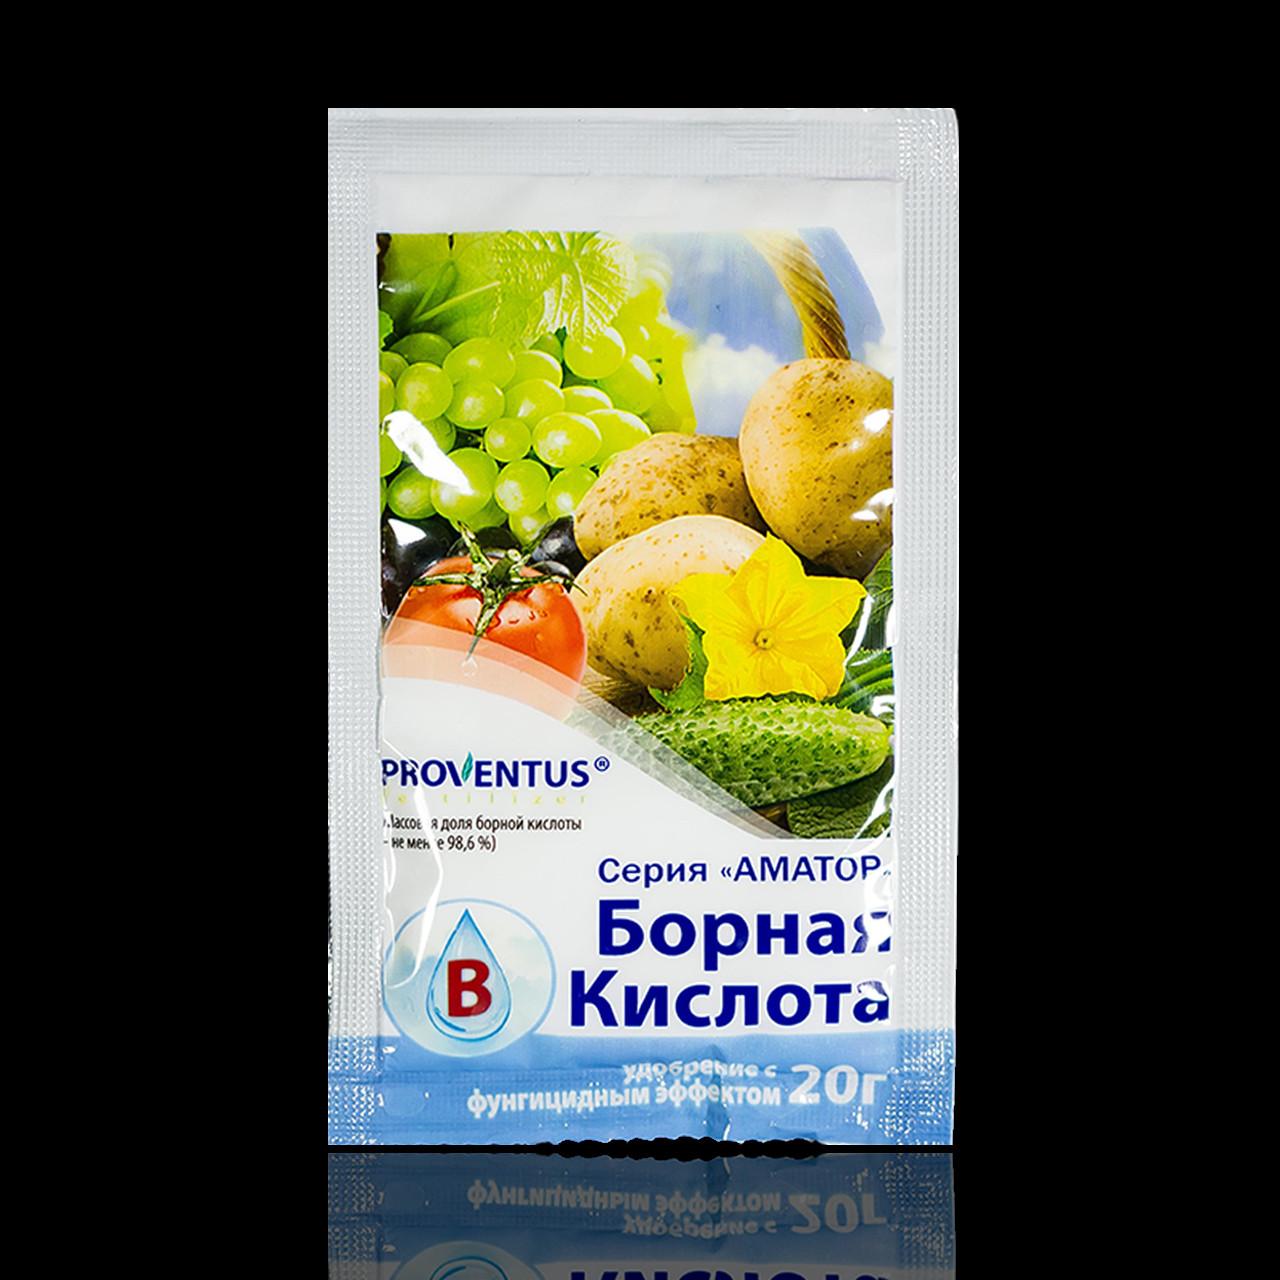 Борная кислота Proventus с фунгицидным эффектом, 20 г - Интернет-магазин sevenMART  в Одессе